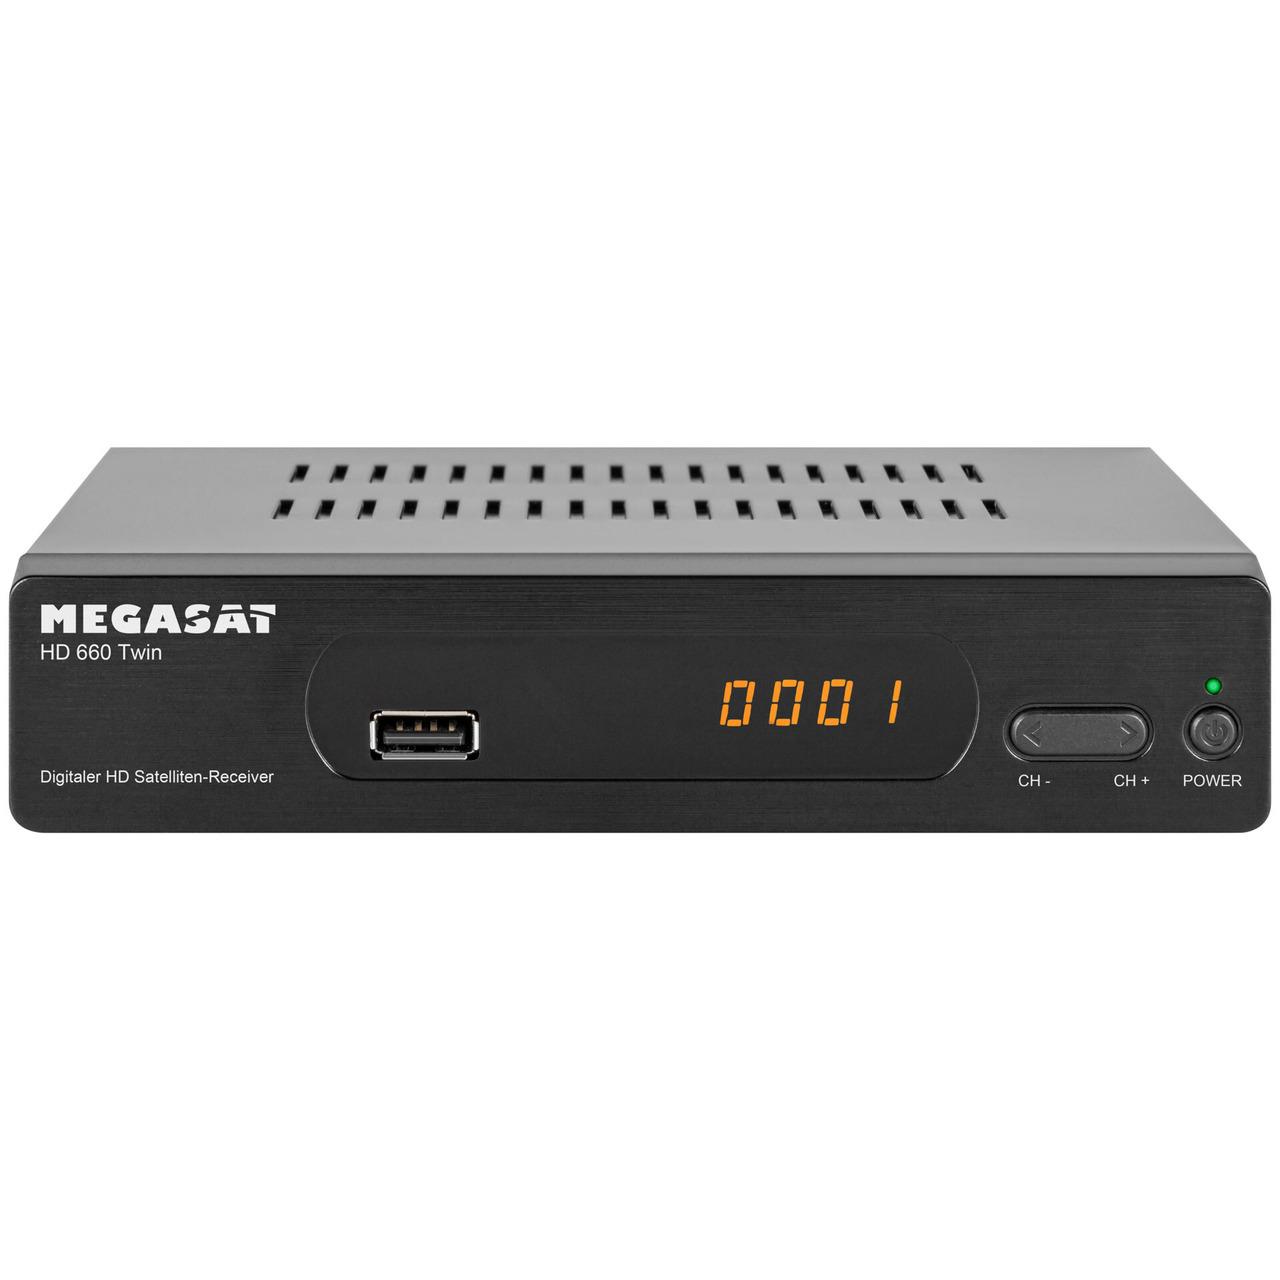 Megasat Twin-Sat-Receiver HD 660 Twin- mit USB-Aufnahmefunktion und Timeshift- 1080p (Full-HD)